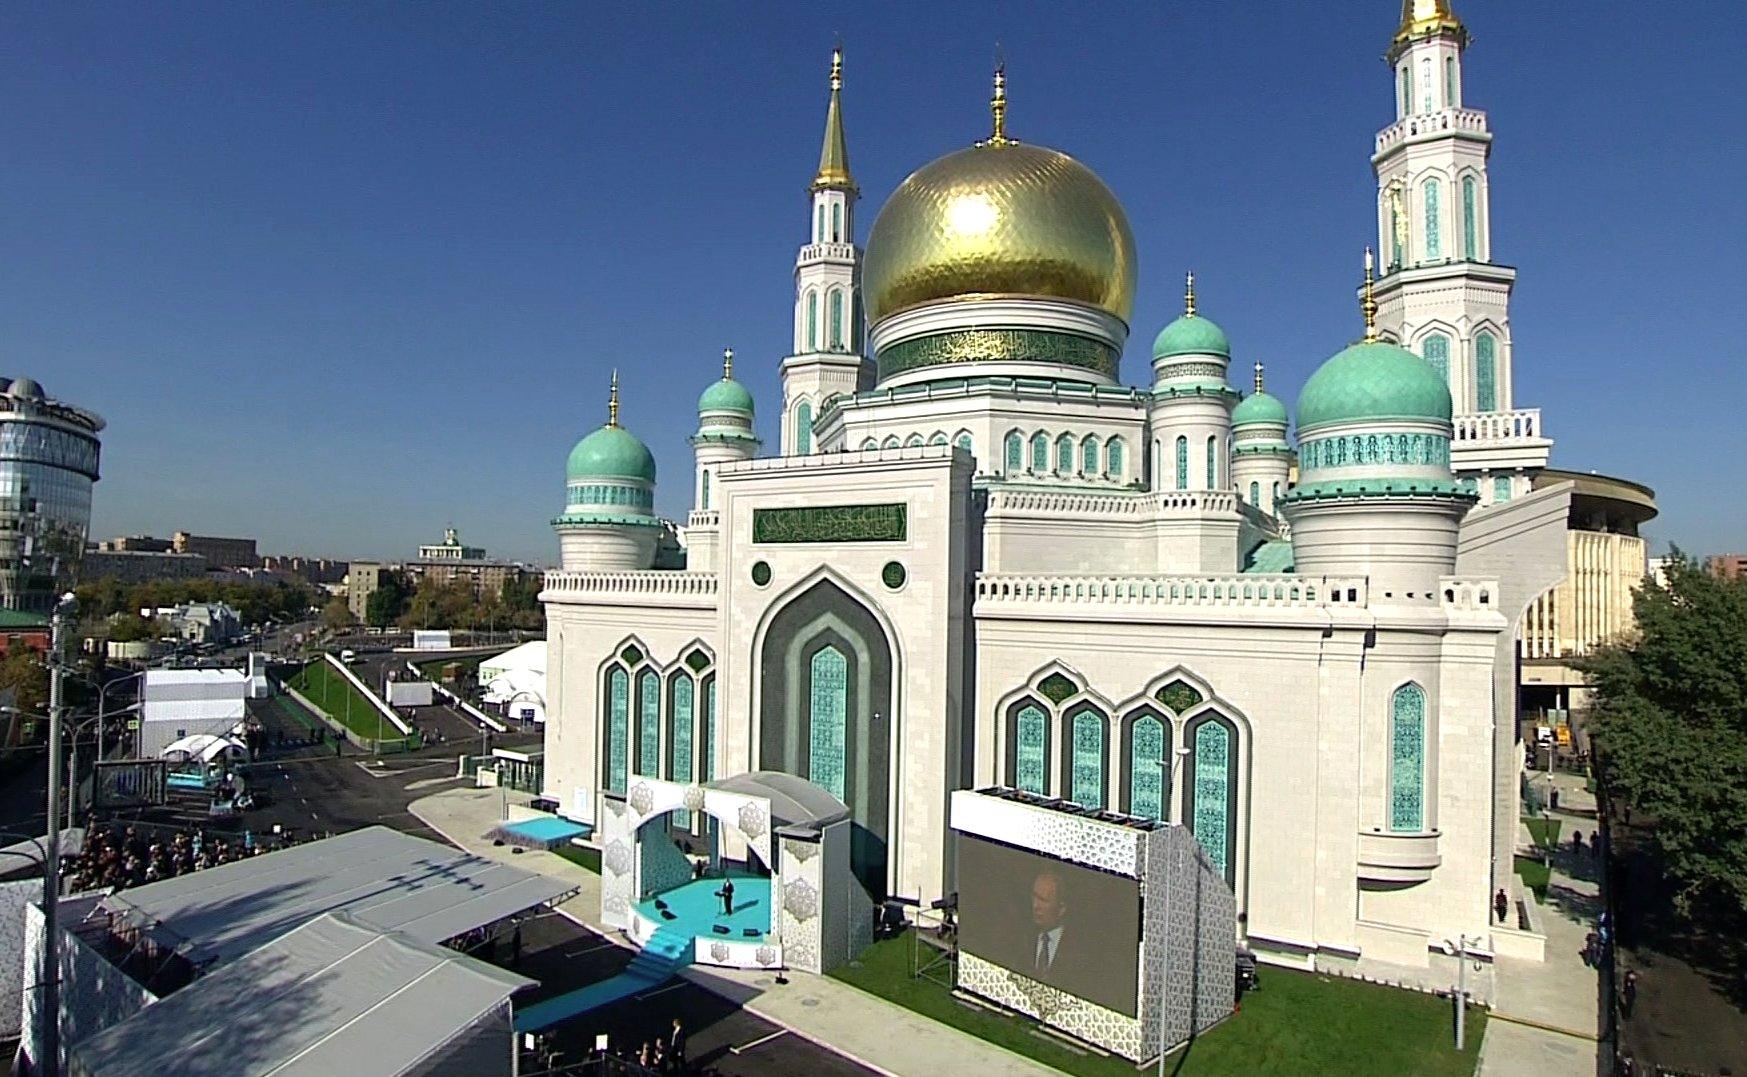 утверждают, что мечети в москве адреса и фото обнинске пришлось